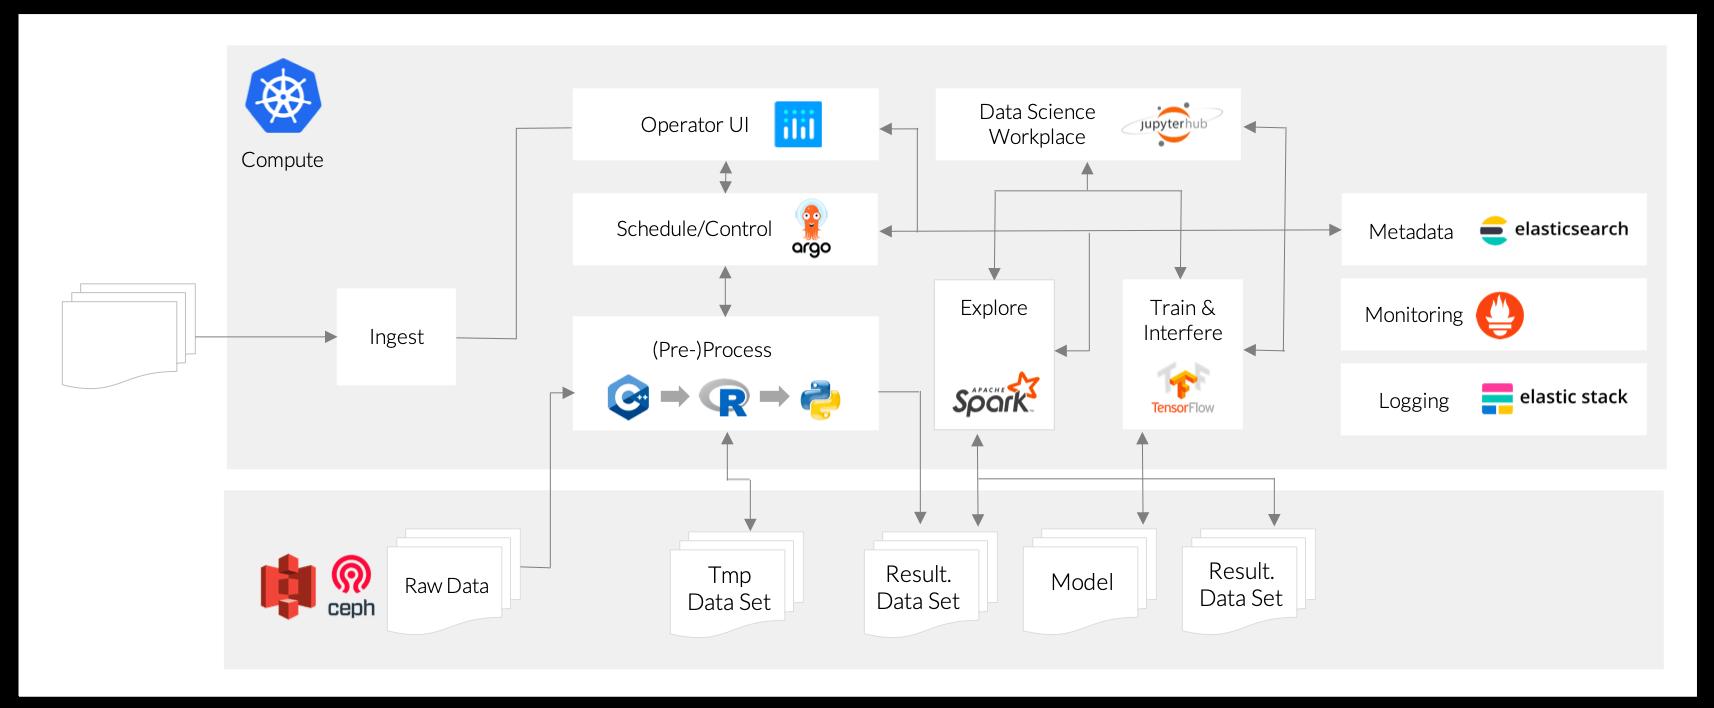 Architektur der EM²Q-Plattform